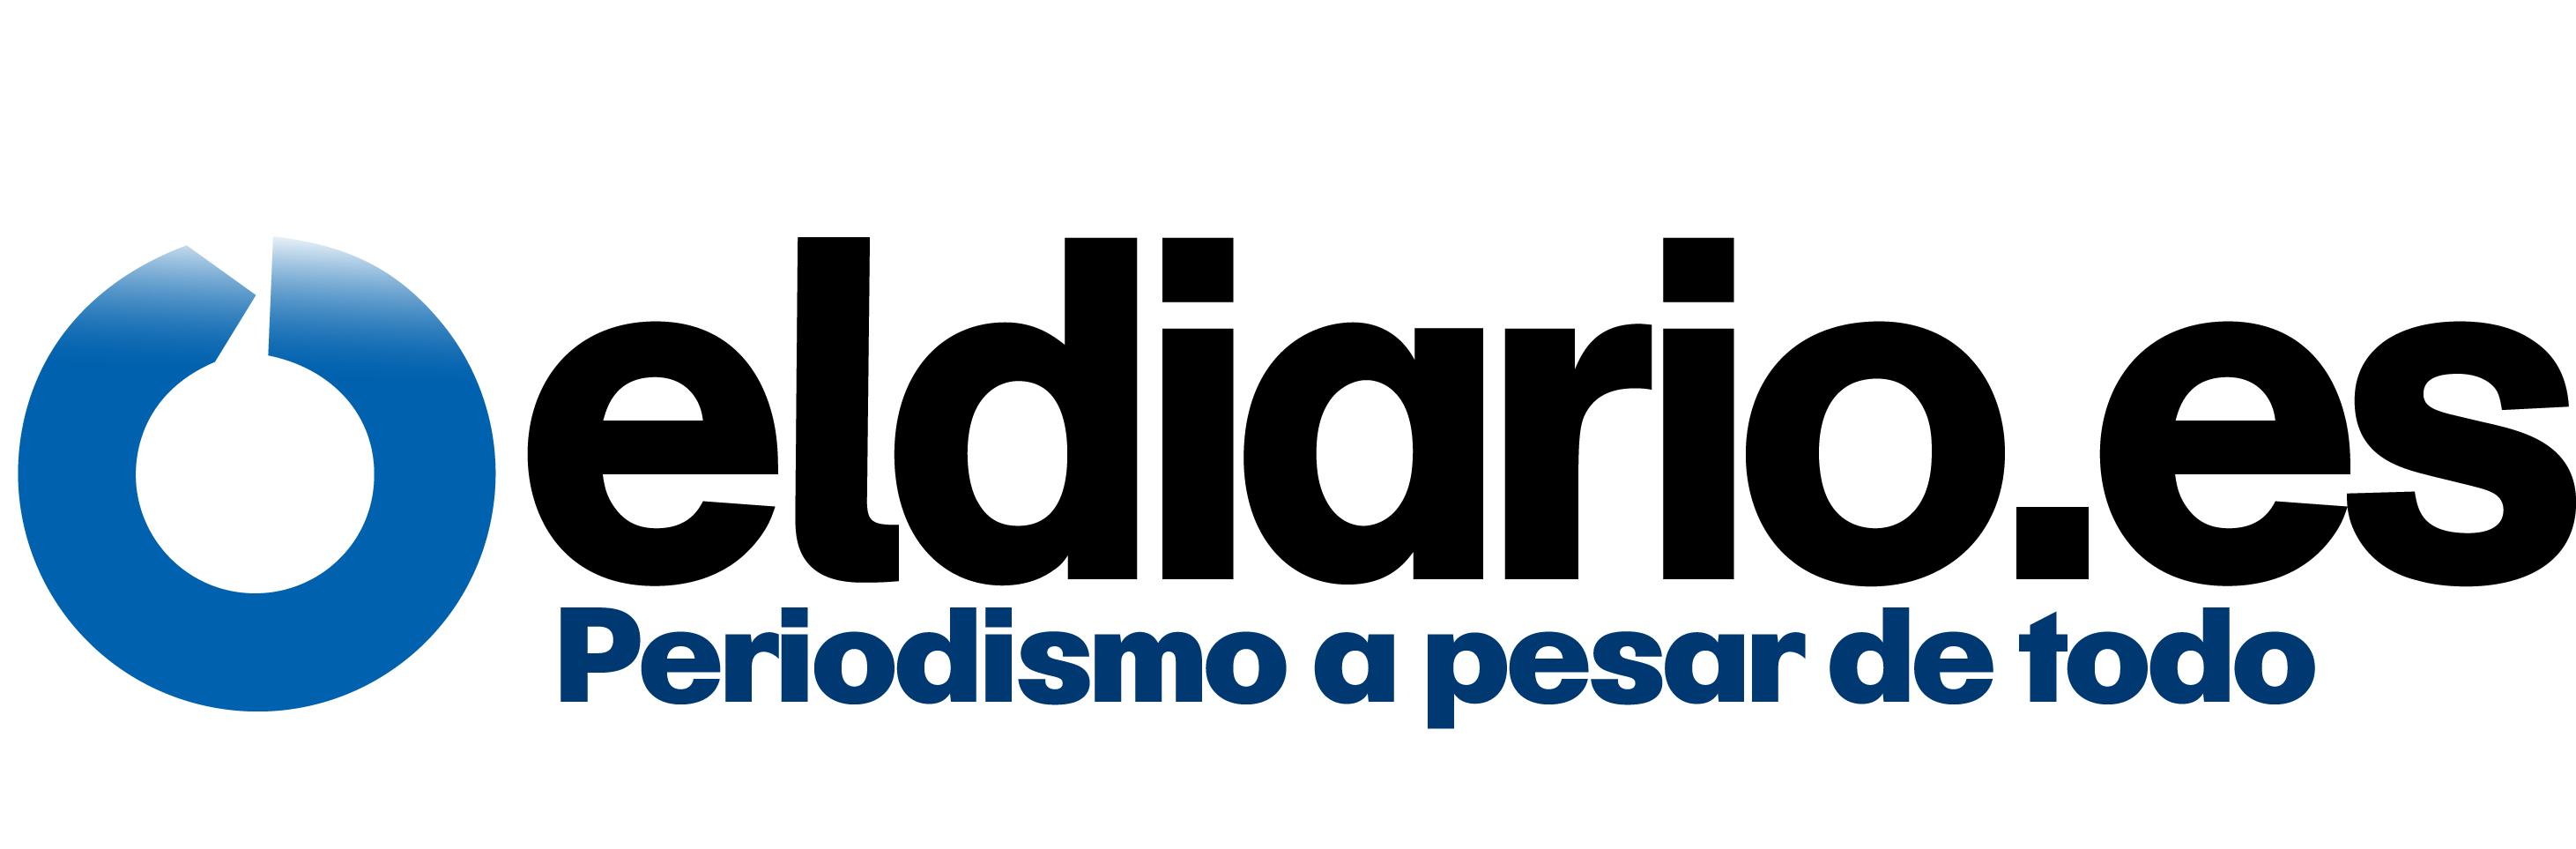 El diario es canarias - ♦La Comisión Europea vuelve a instar a España a que gestione los residuos urbanos correctamente